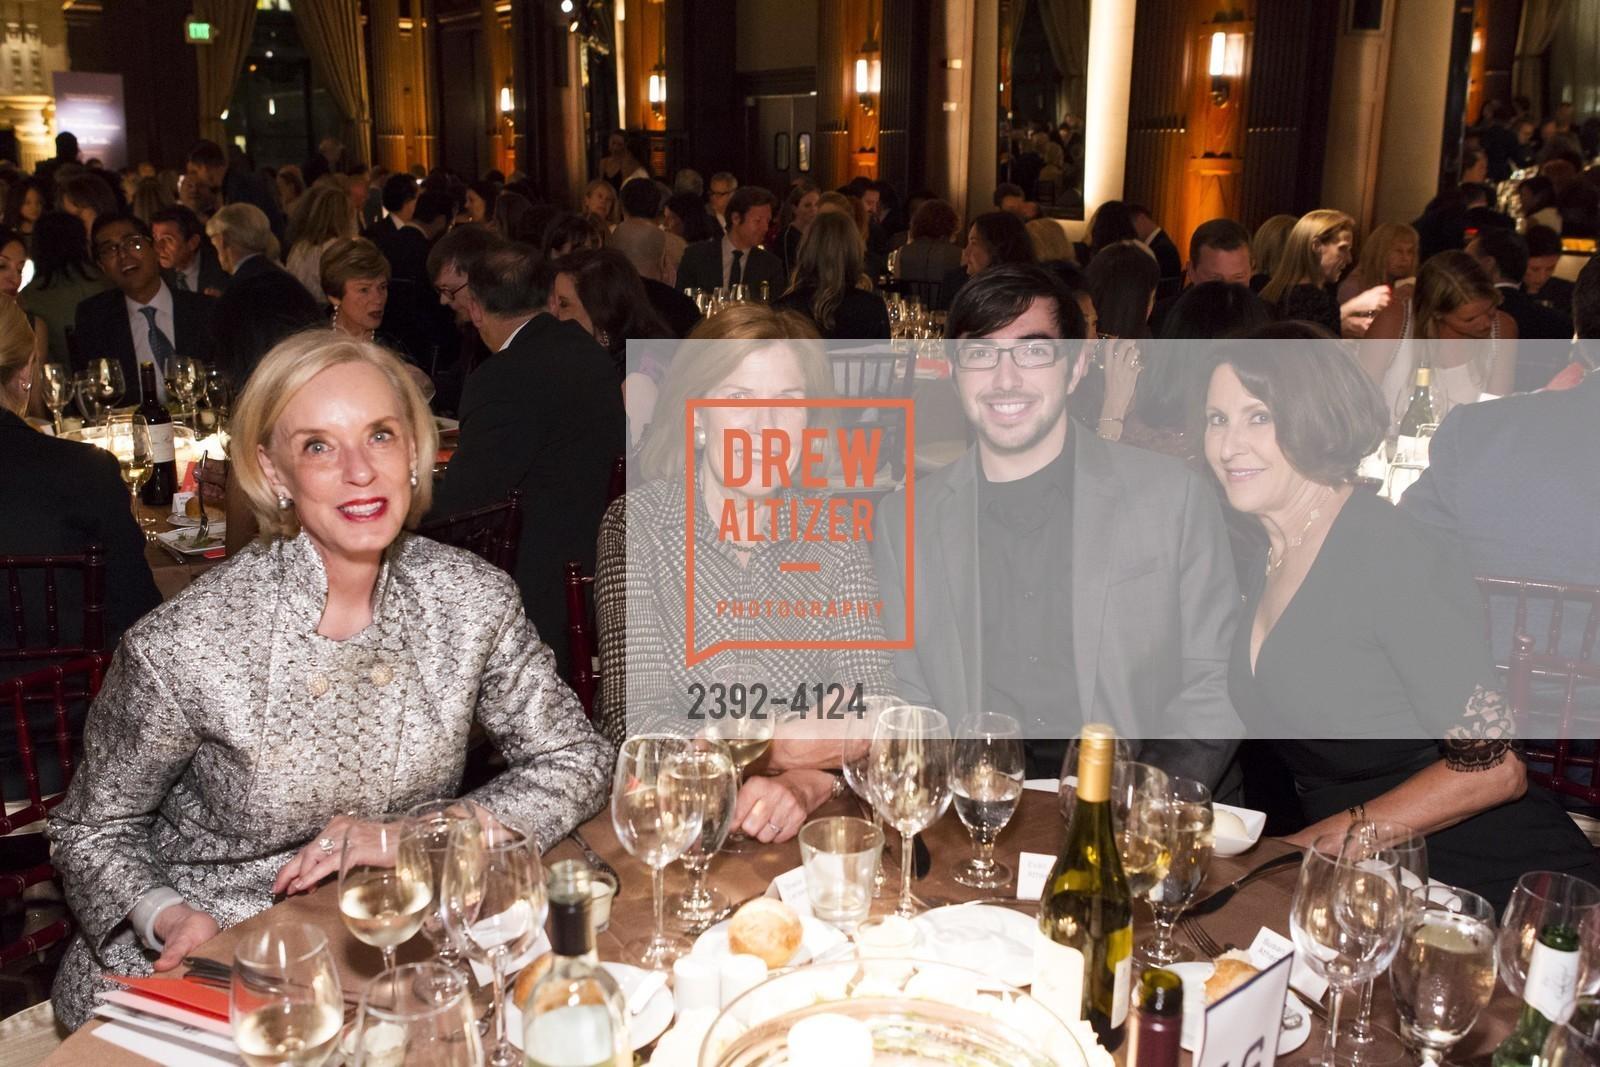 Peggy Newton, Suri Larson, Evan Atherton, Susan Atherton, Photo #2392-4124